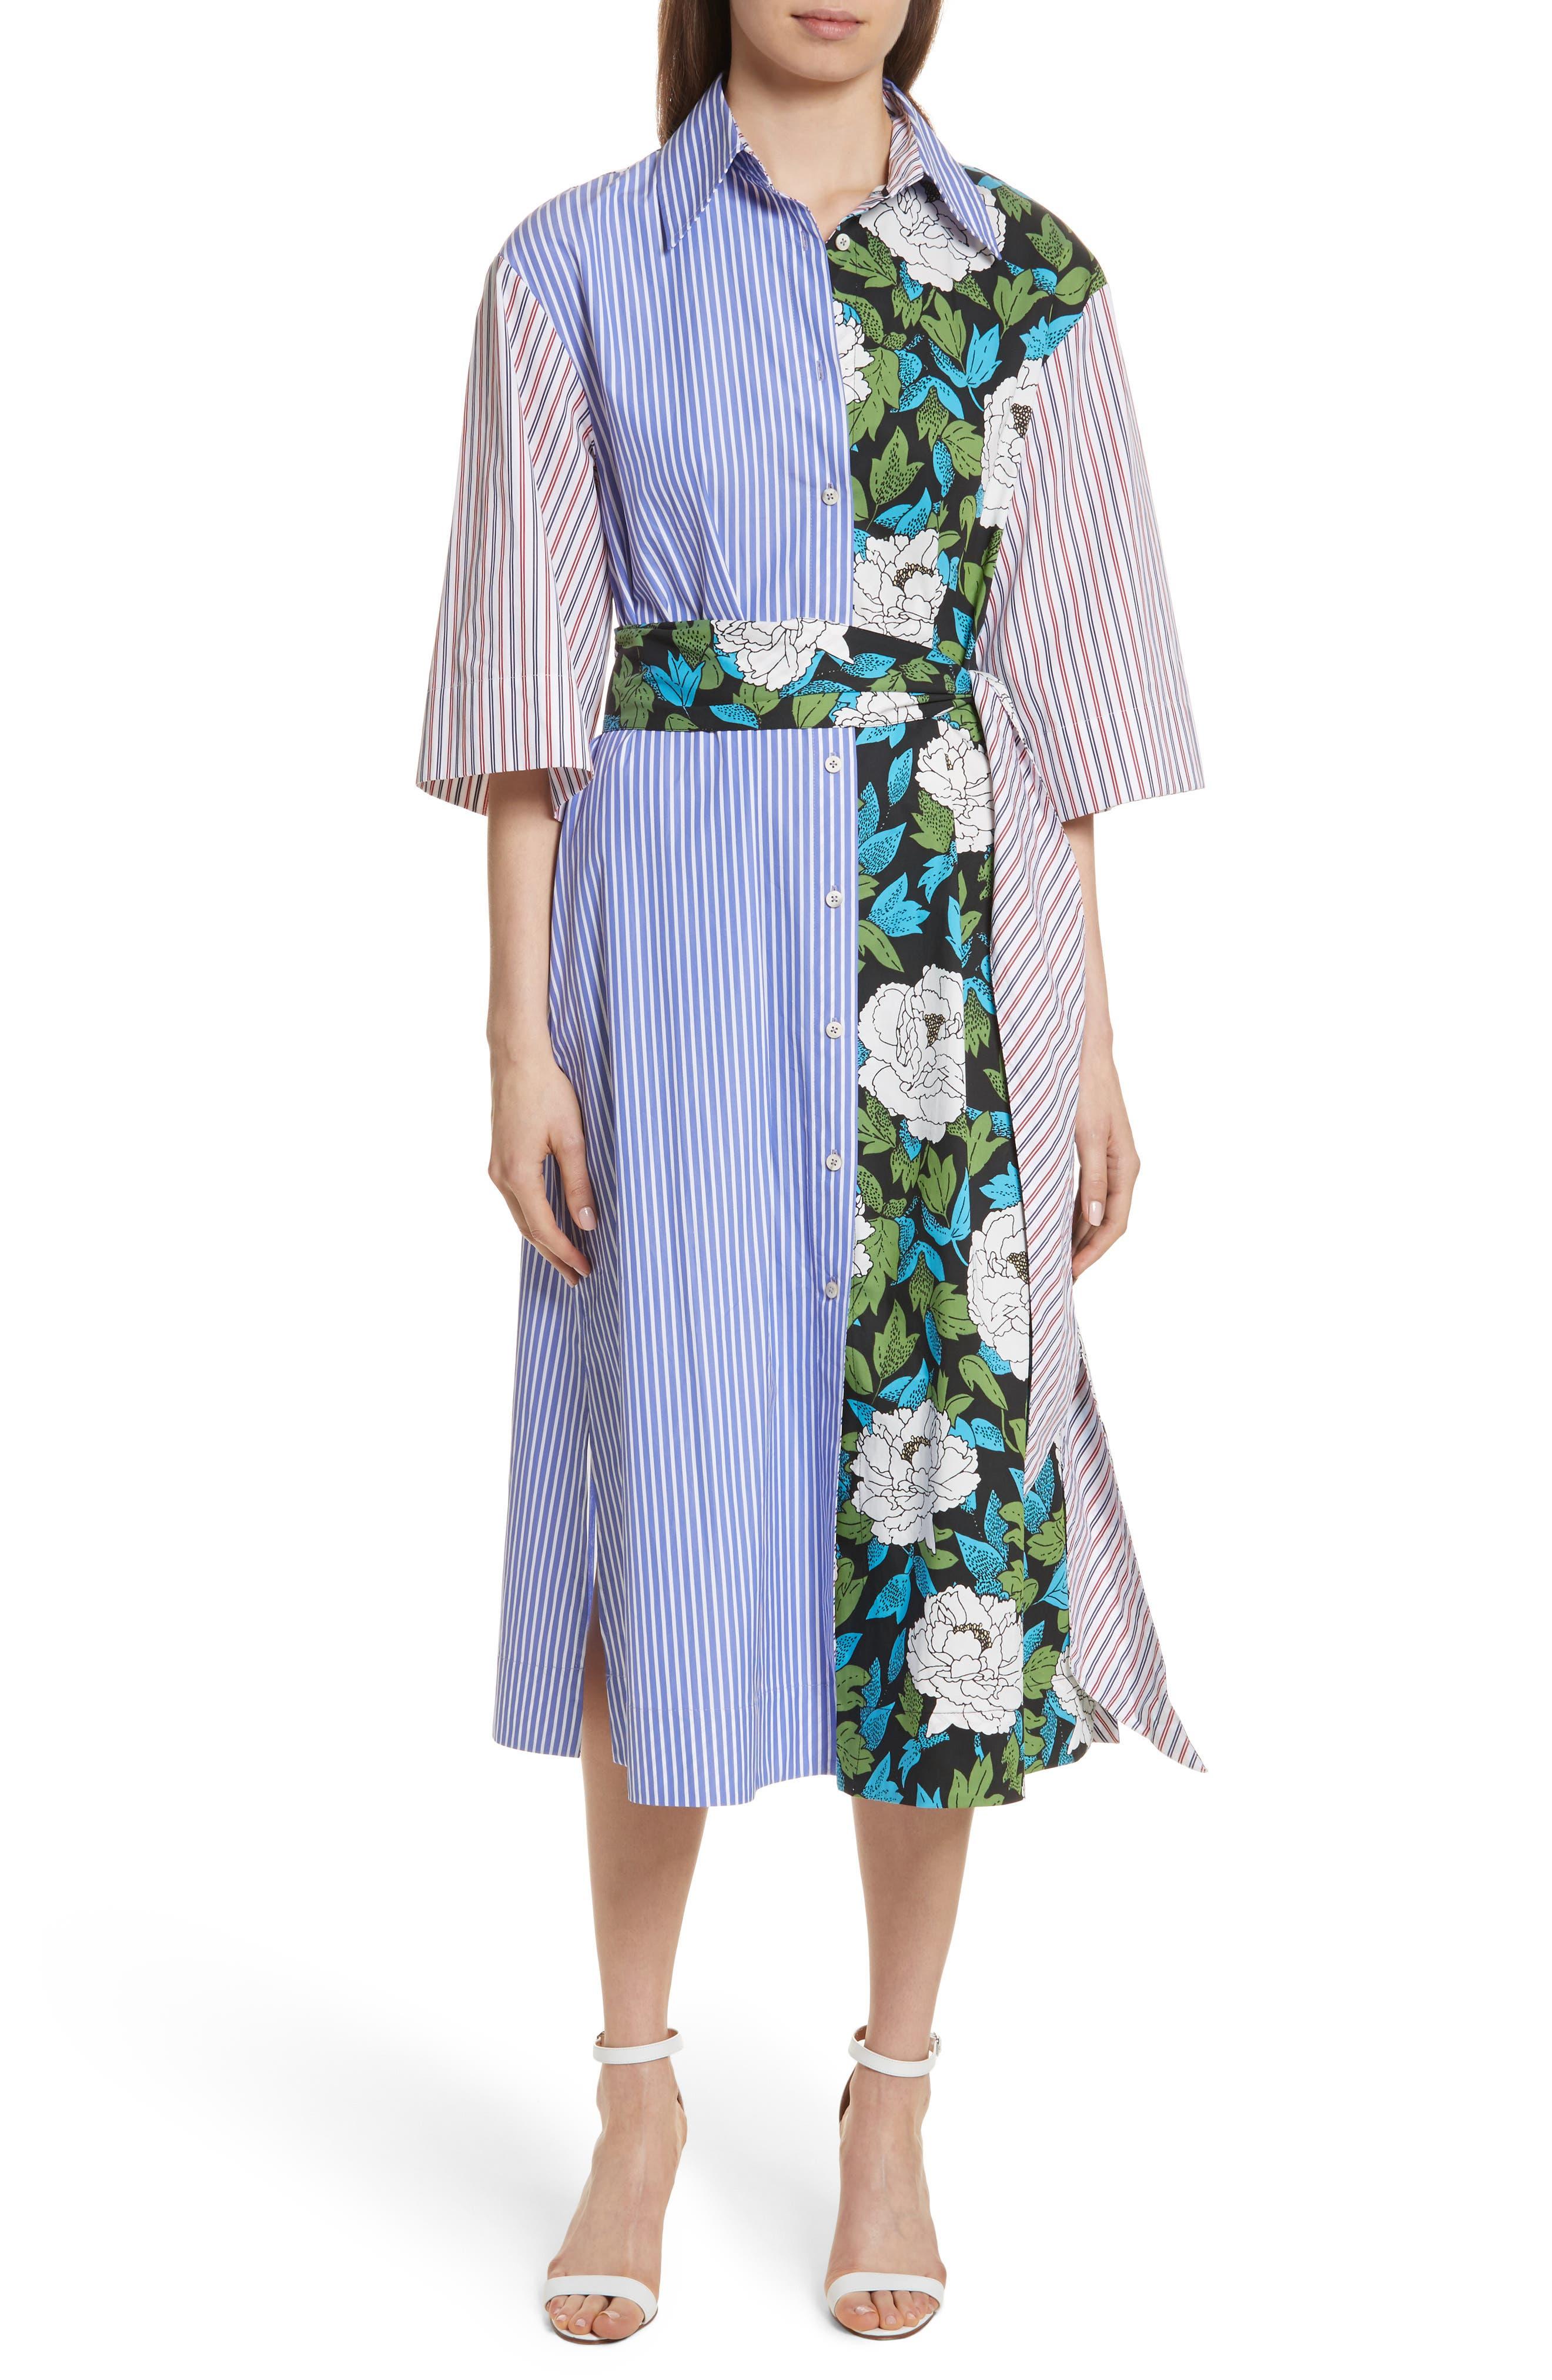 Diane von Furstenberg Mixed Print Cotton Shirtdress,                         Main,                         color, Blue White Wide Stripe